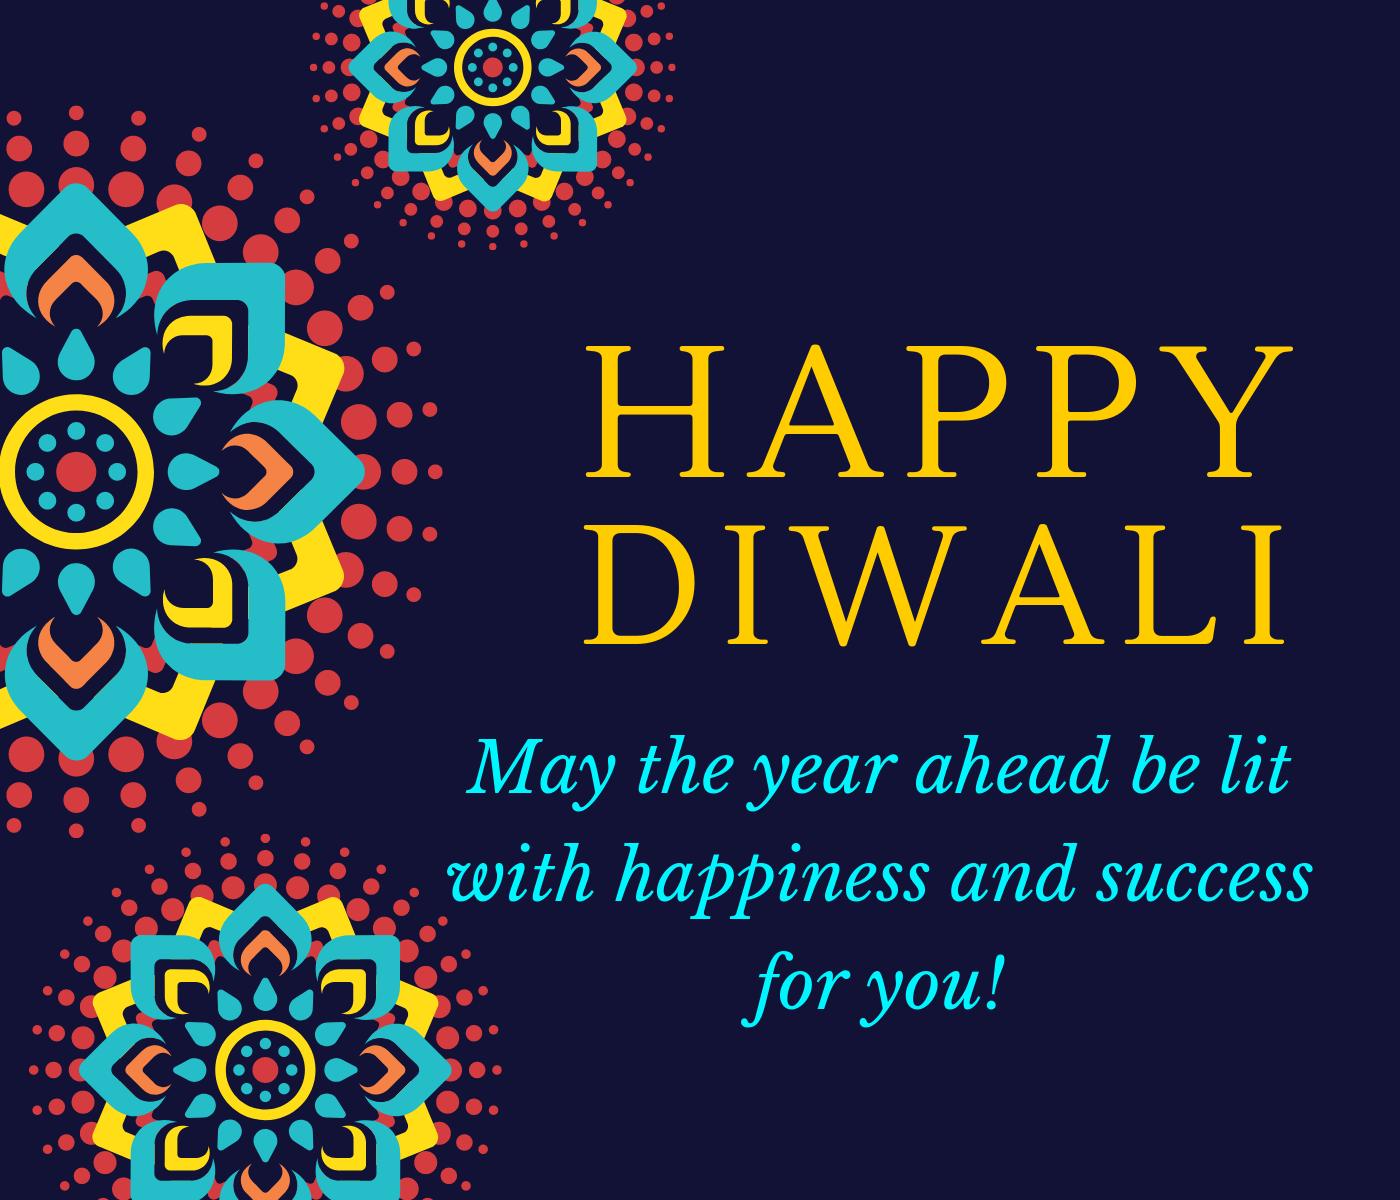 Diwali Wallpaper Images